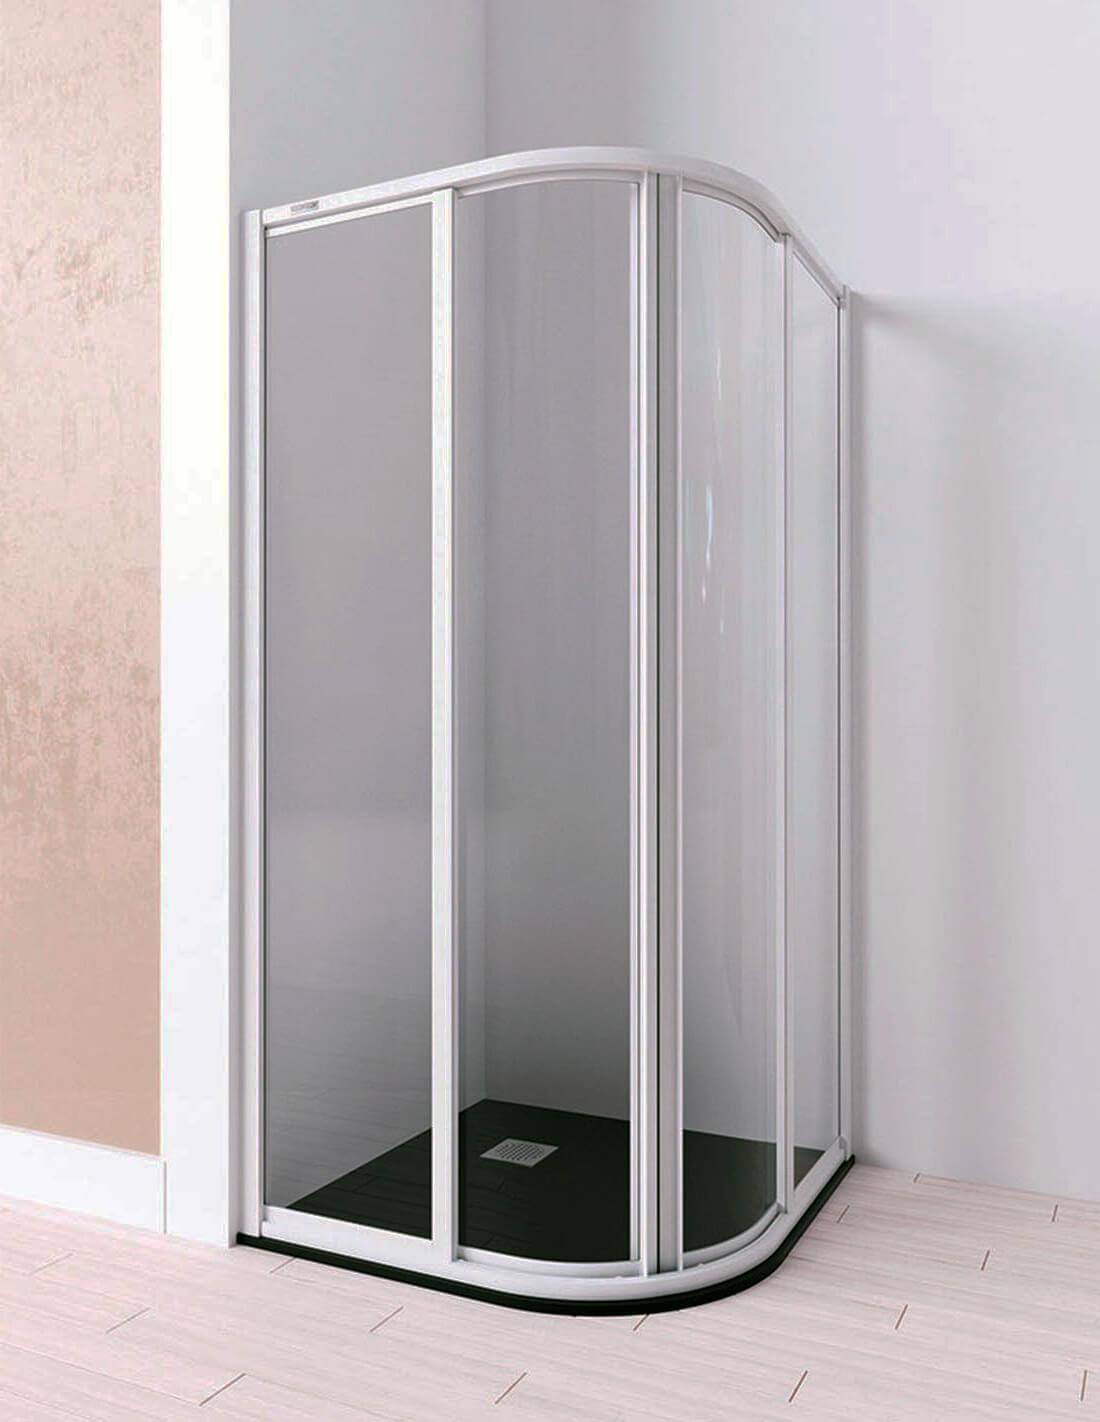 Mampara de ducha semicircular con cristal acrílico